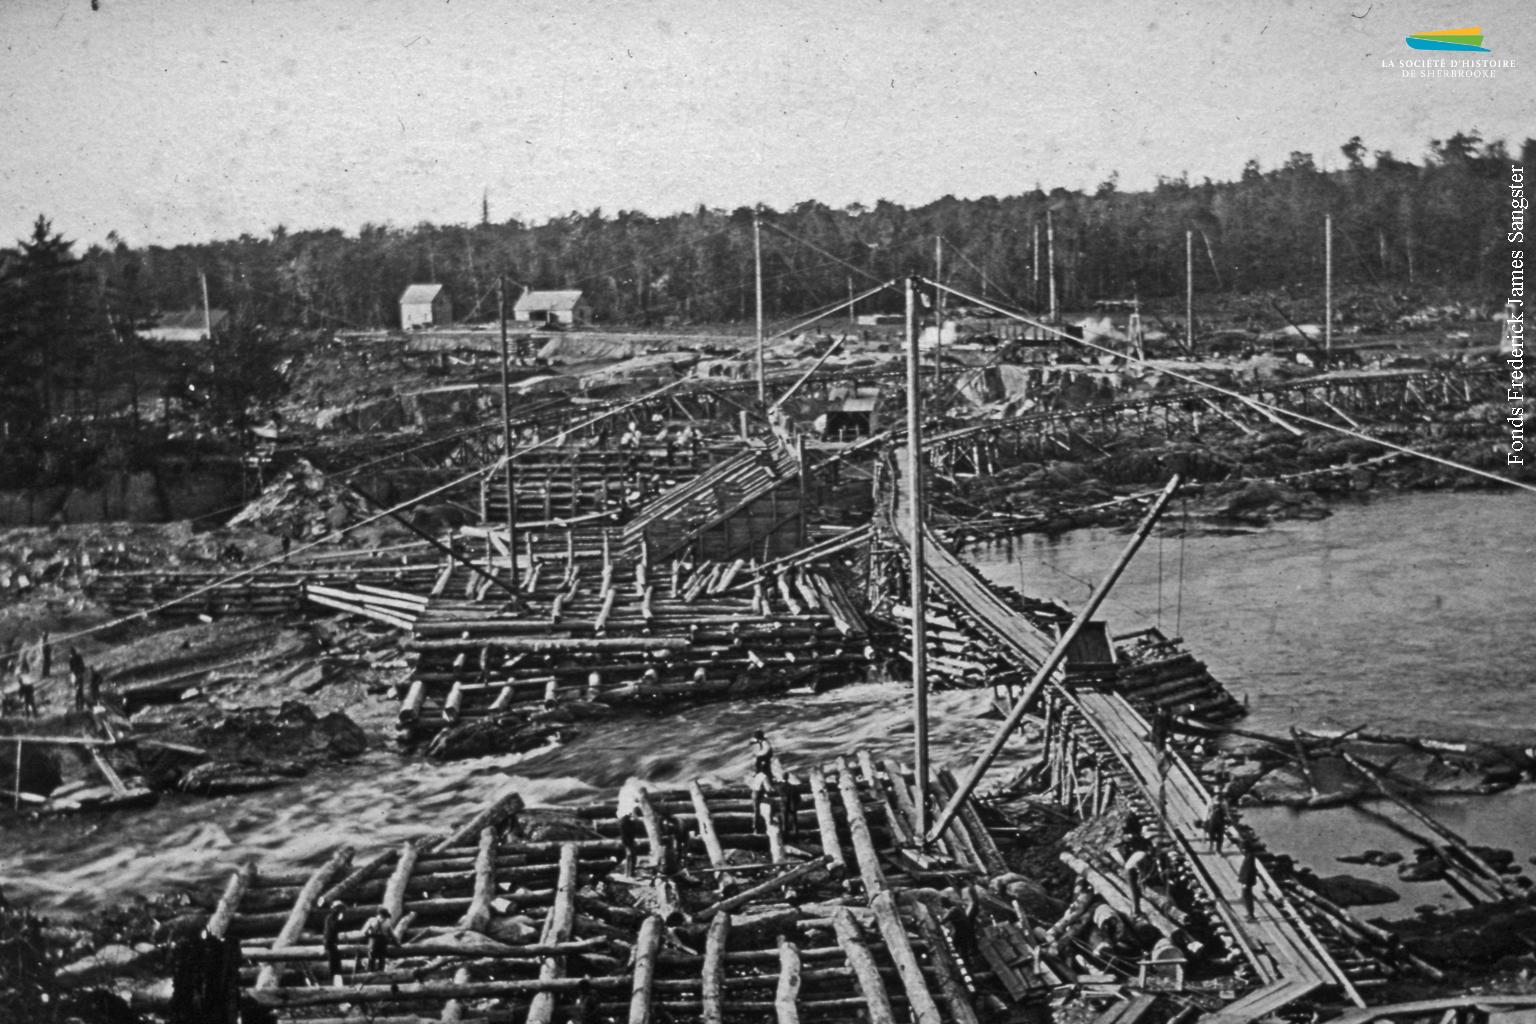 En 1901, la Brompton Pulp & Paper, nouvellement créée, procède à la construction d'un barrage sur la rivière Saint-François à Bromptonville, pour alimenter en eau son usine de pâtes et papiers.